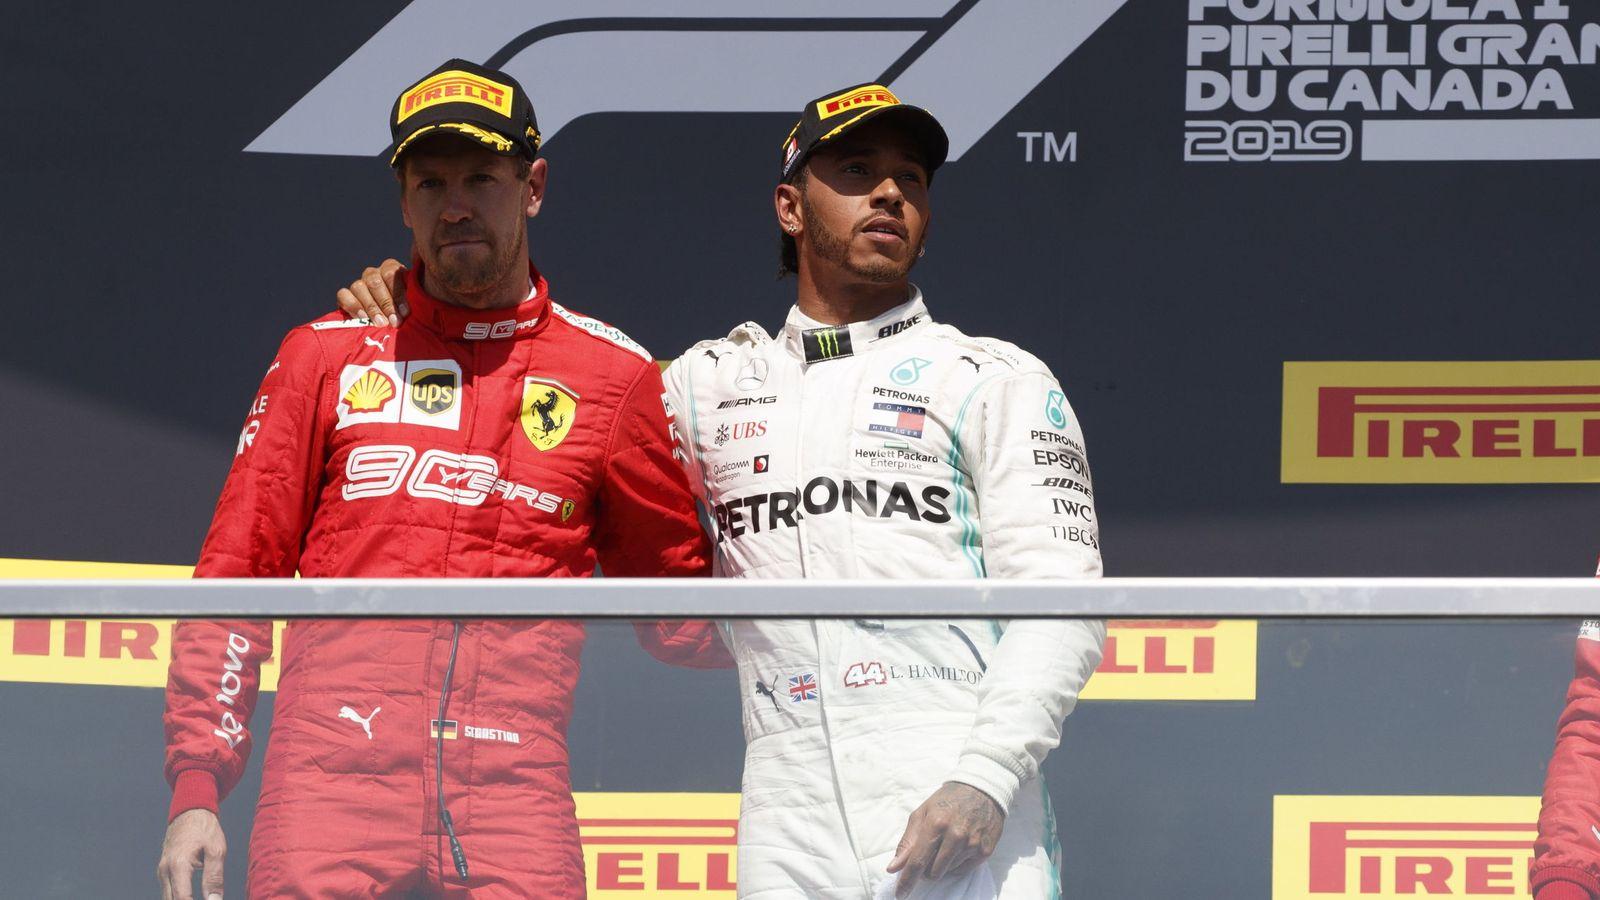 Foto: En Montreal, Lewis Hamilton subió a lo más alto del cajón a Vettel. (EFE)